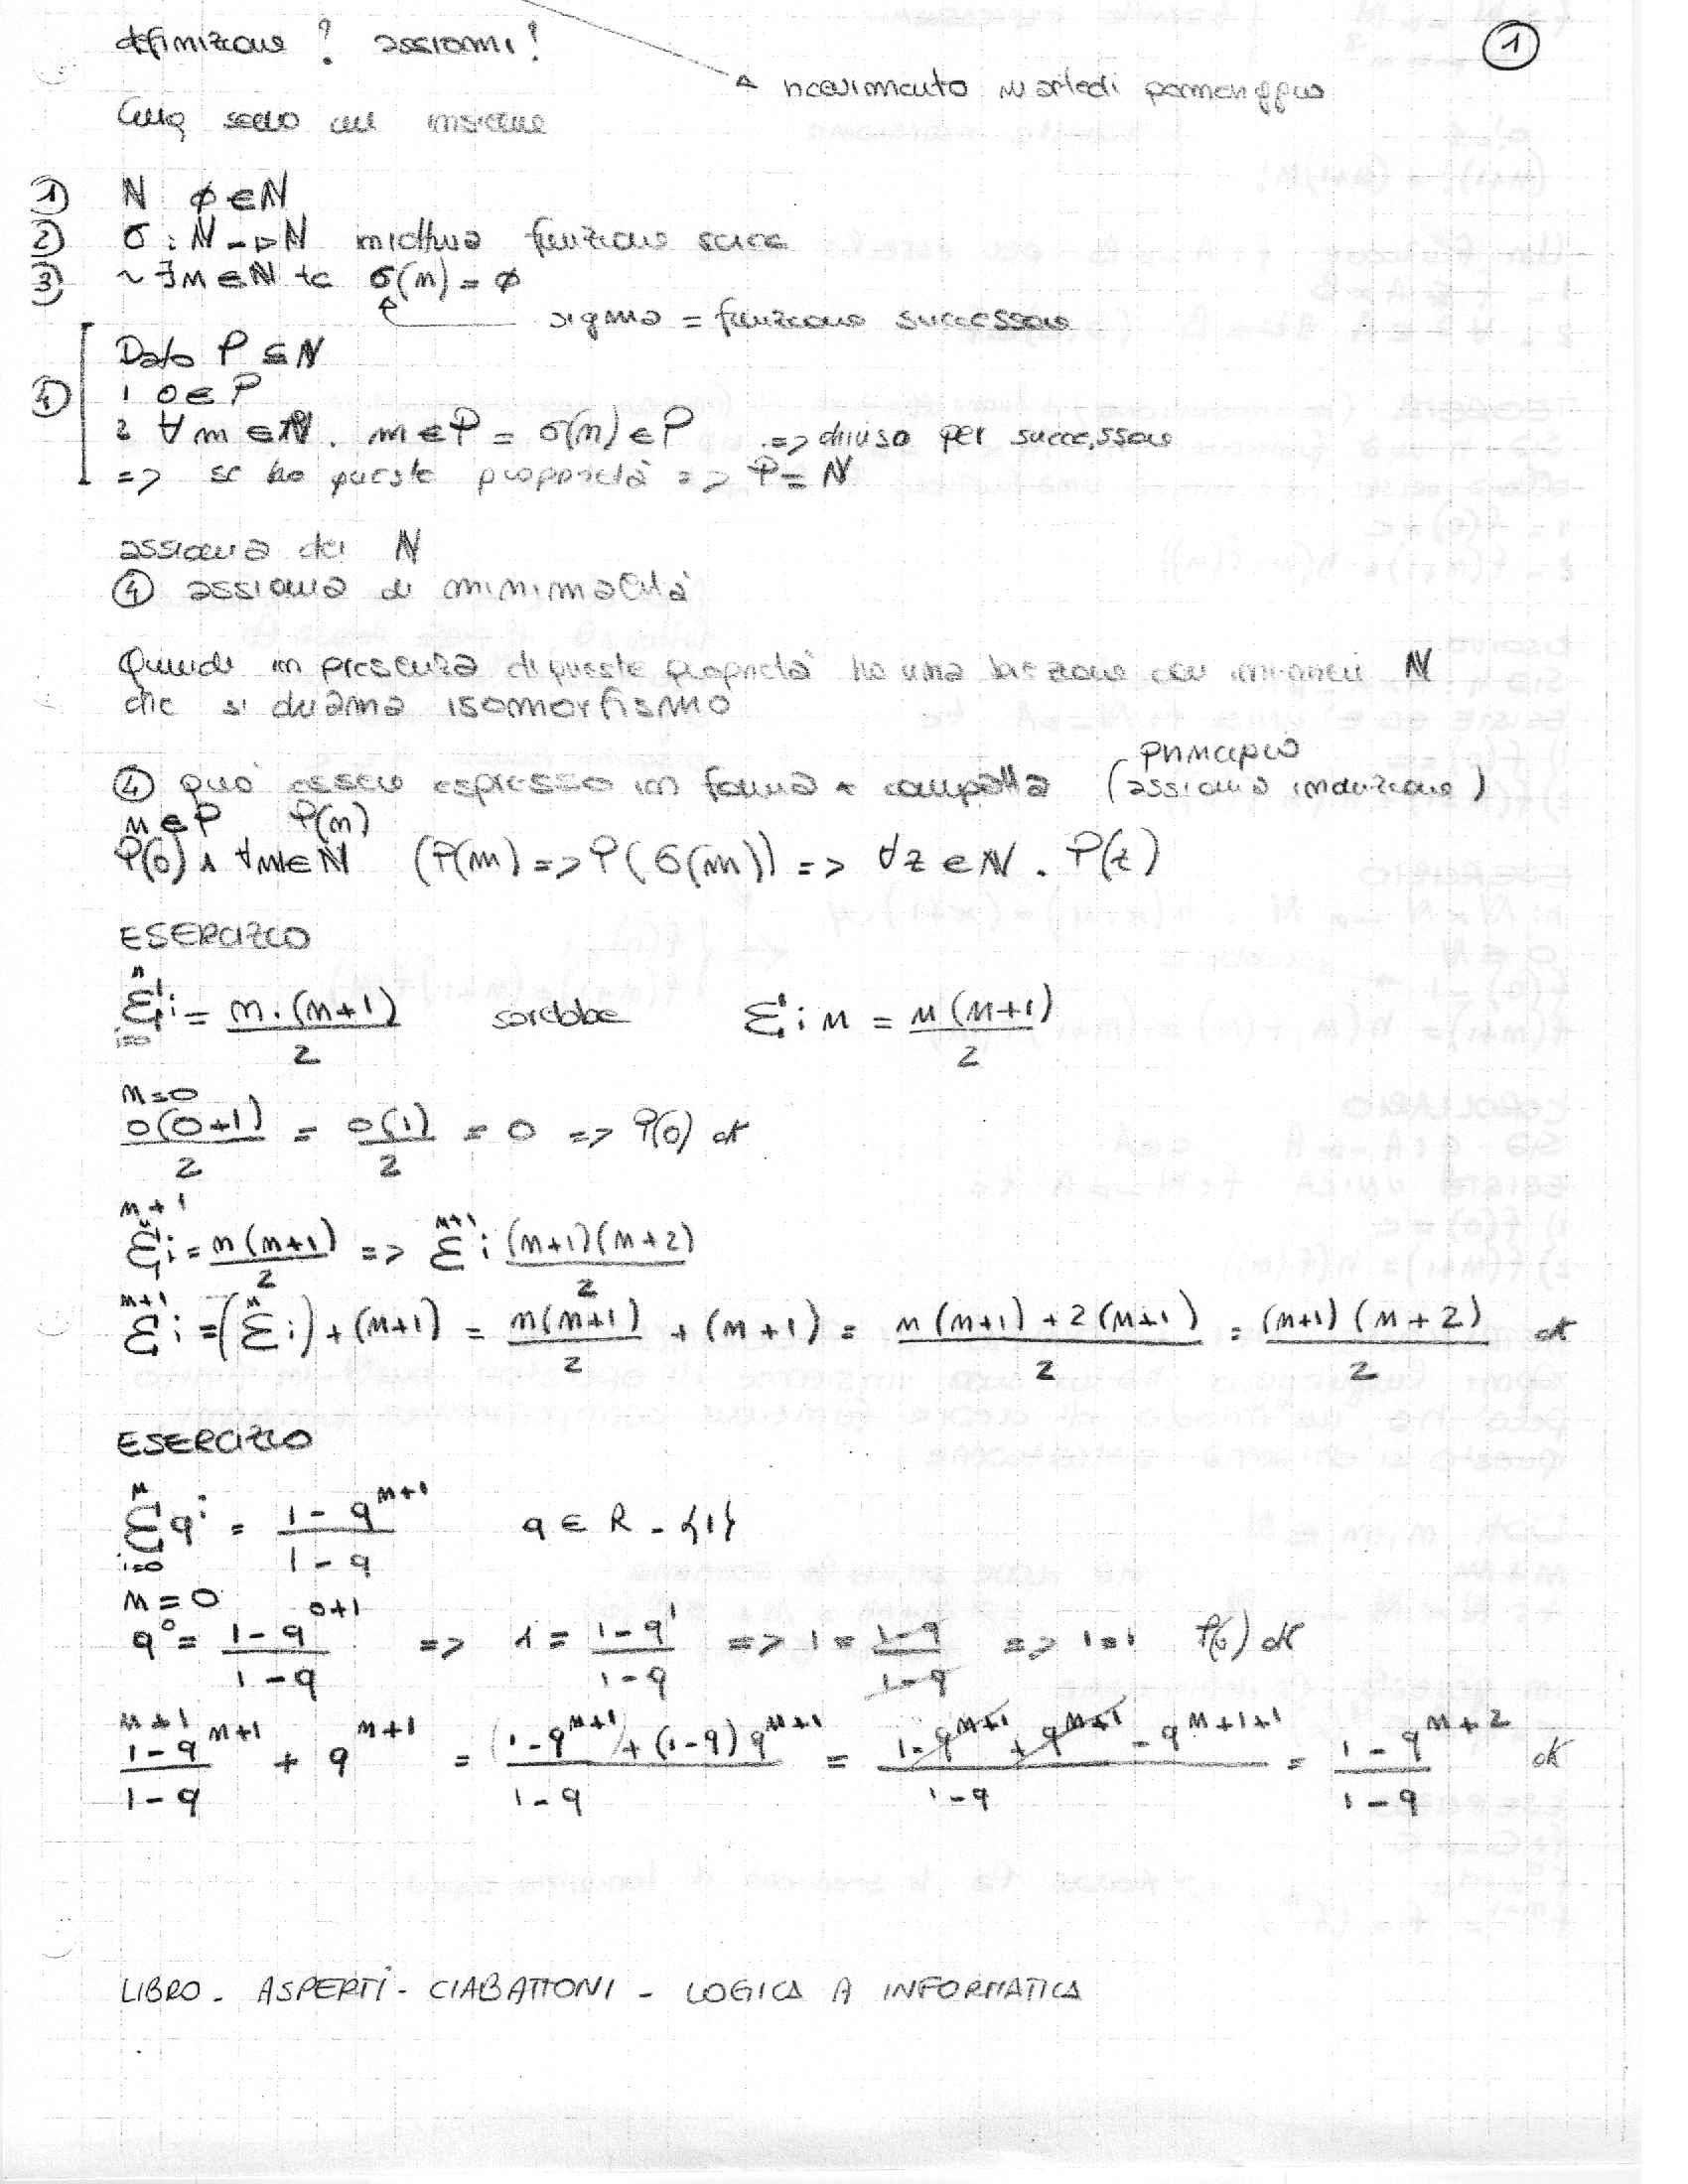 Logica e matematica discreta - Appunti